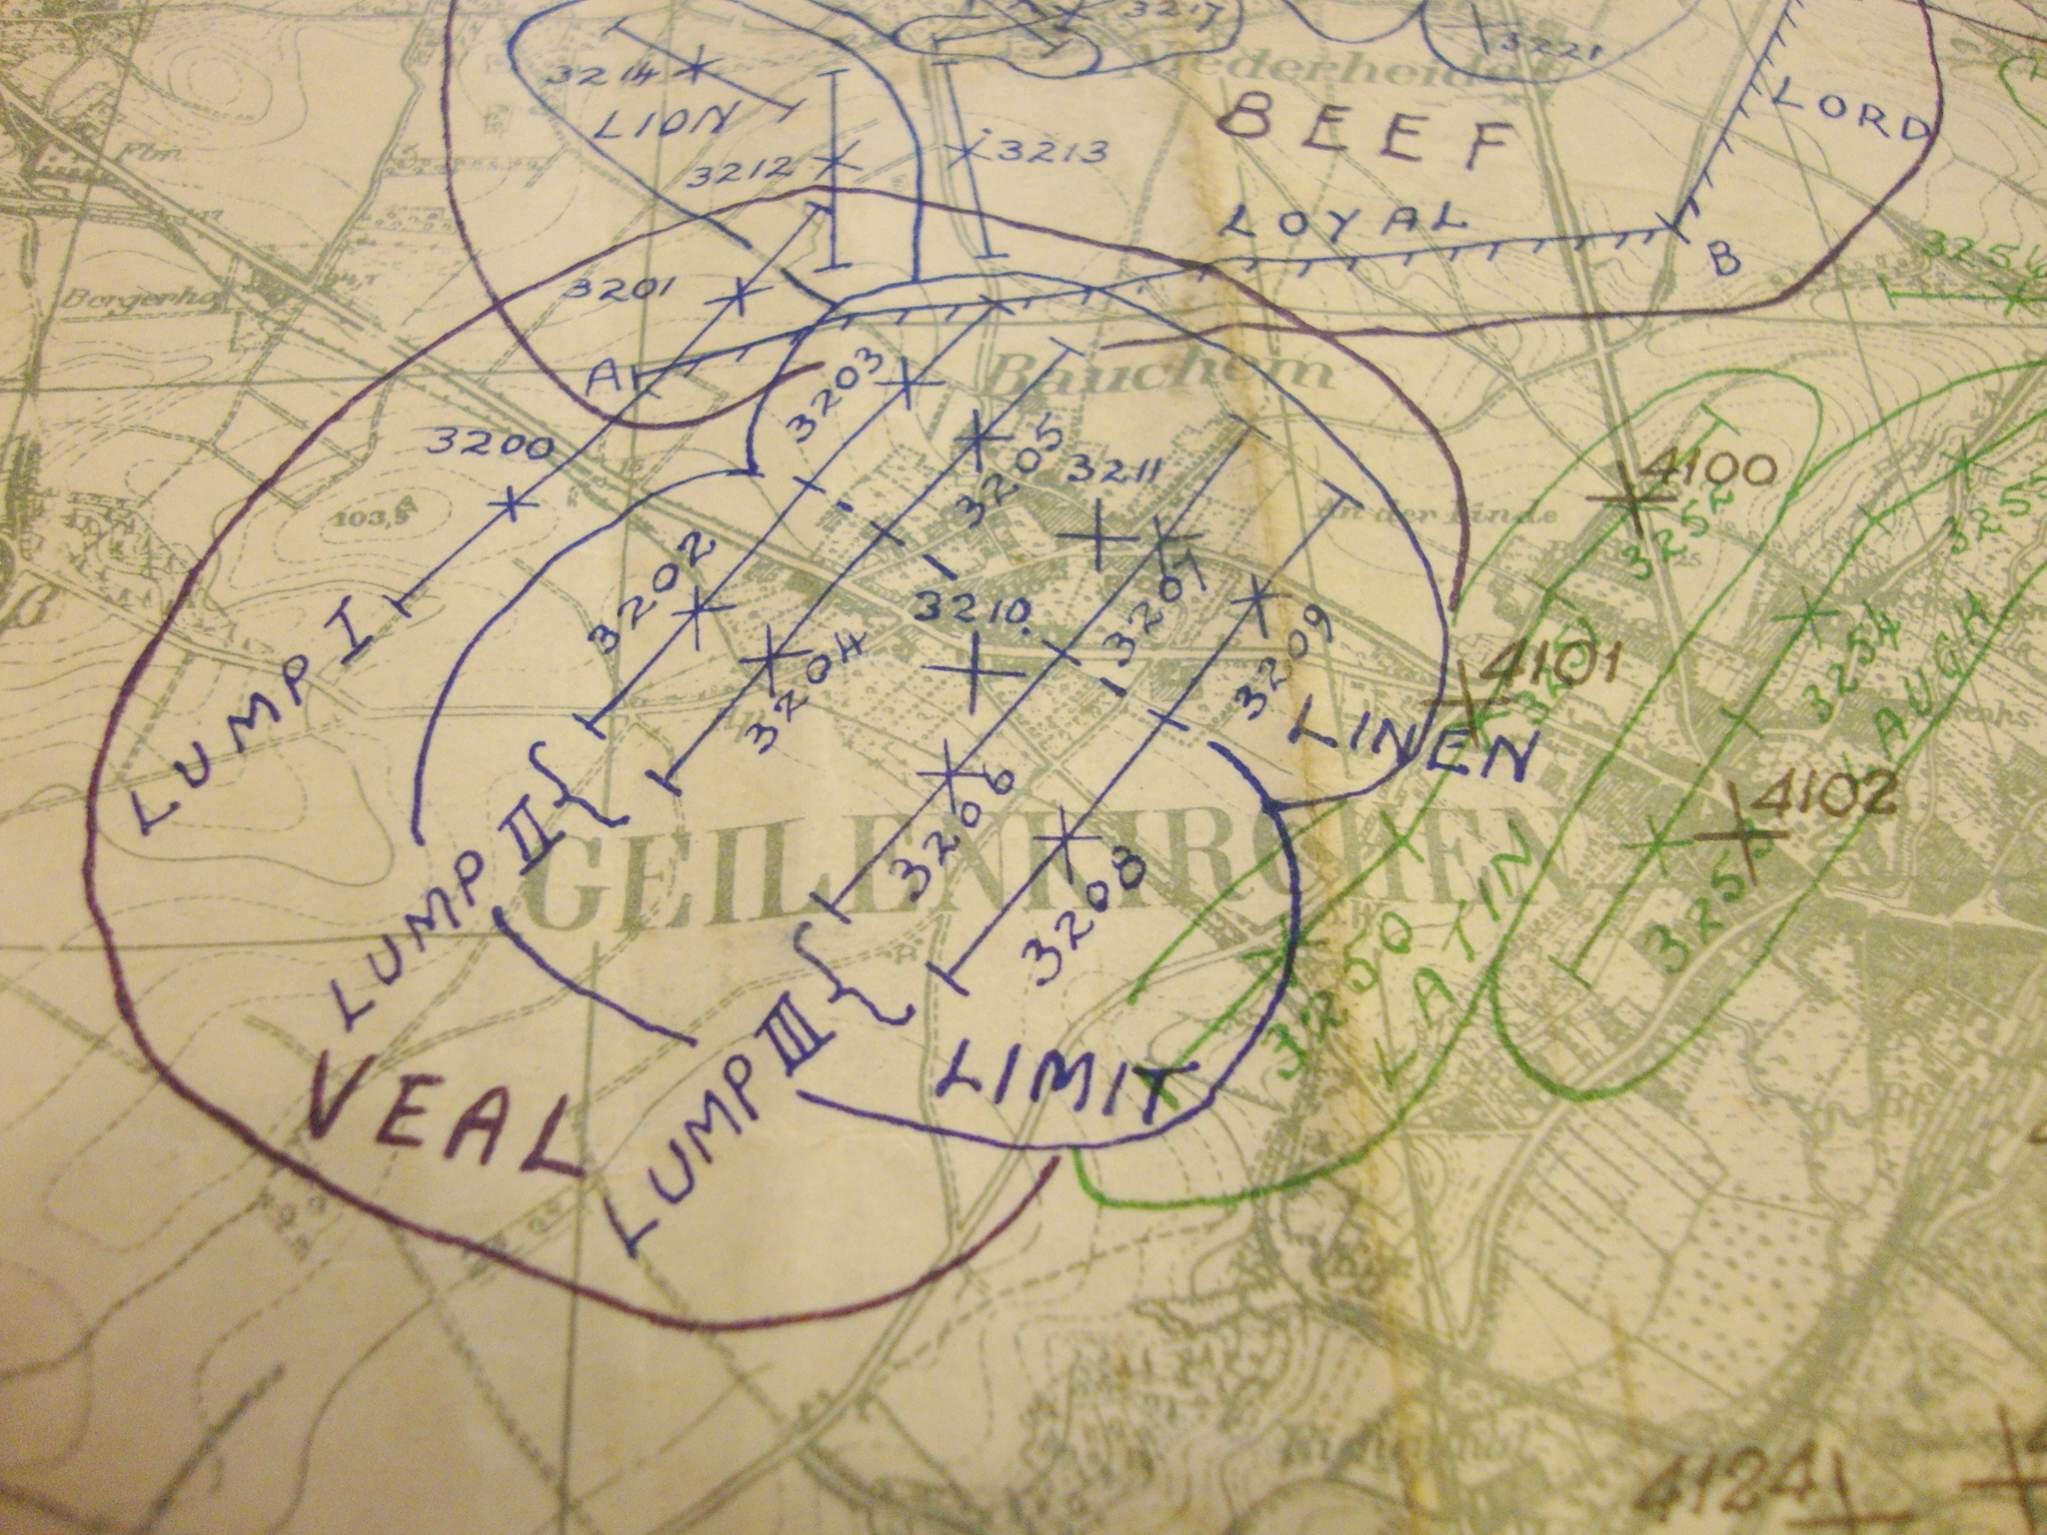 operation clipper map top secret